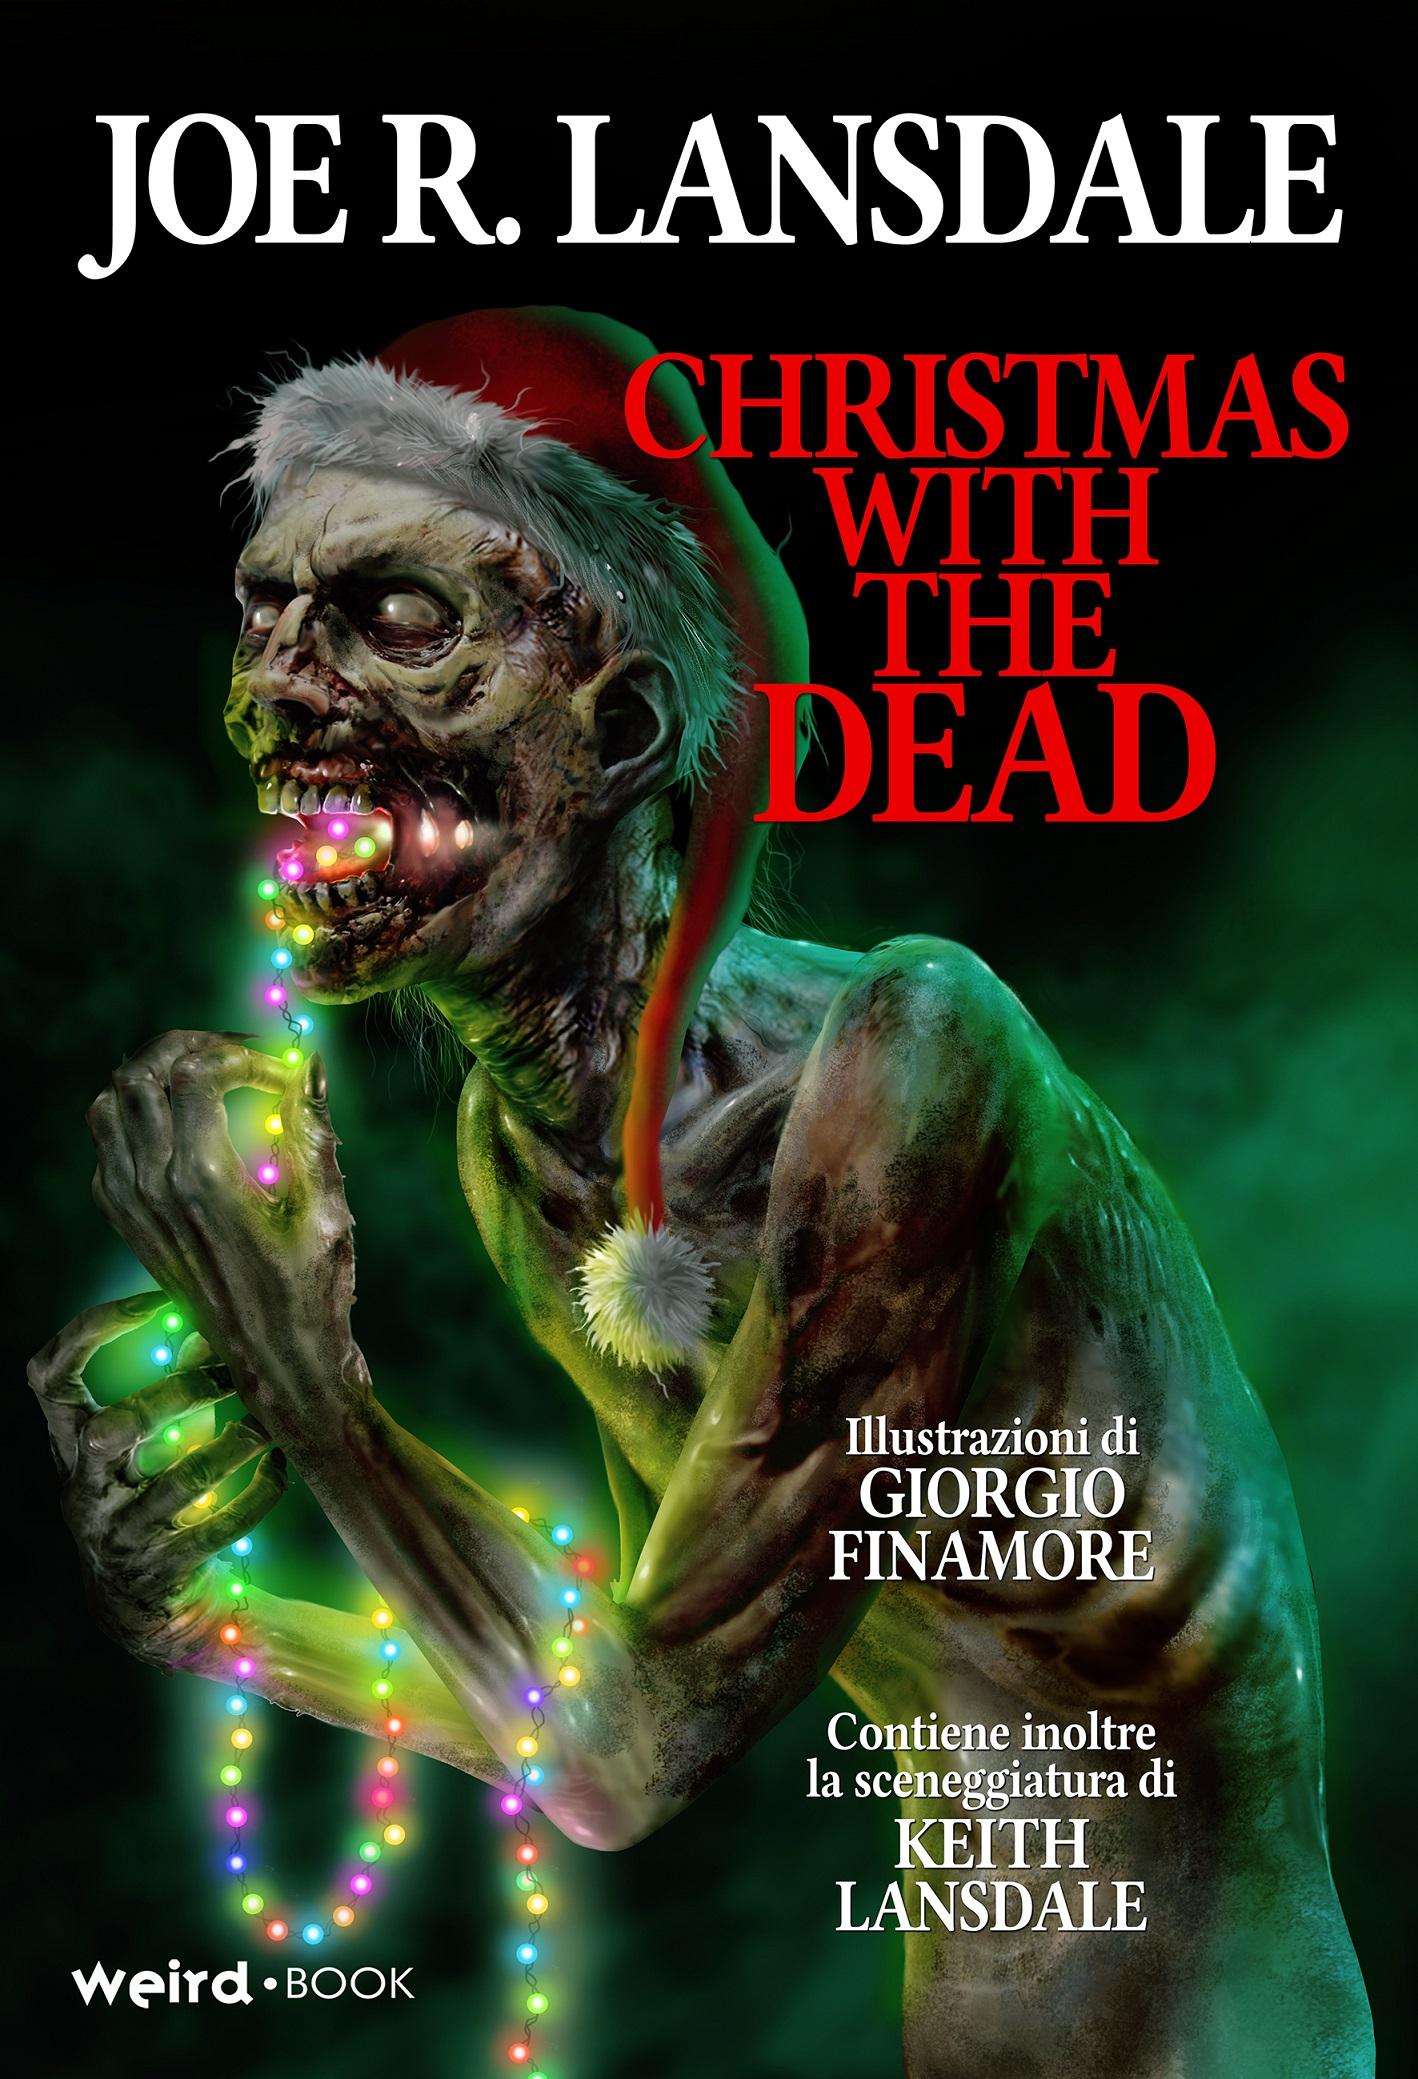 Maschera Fantasma Halloween Ghoul Costume zombie spettrale faccia capo Completo Cappuccio Horror